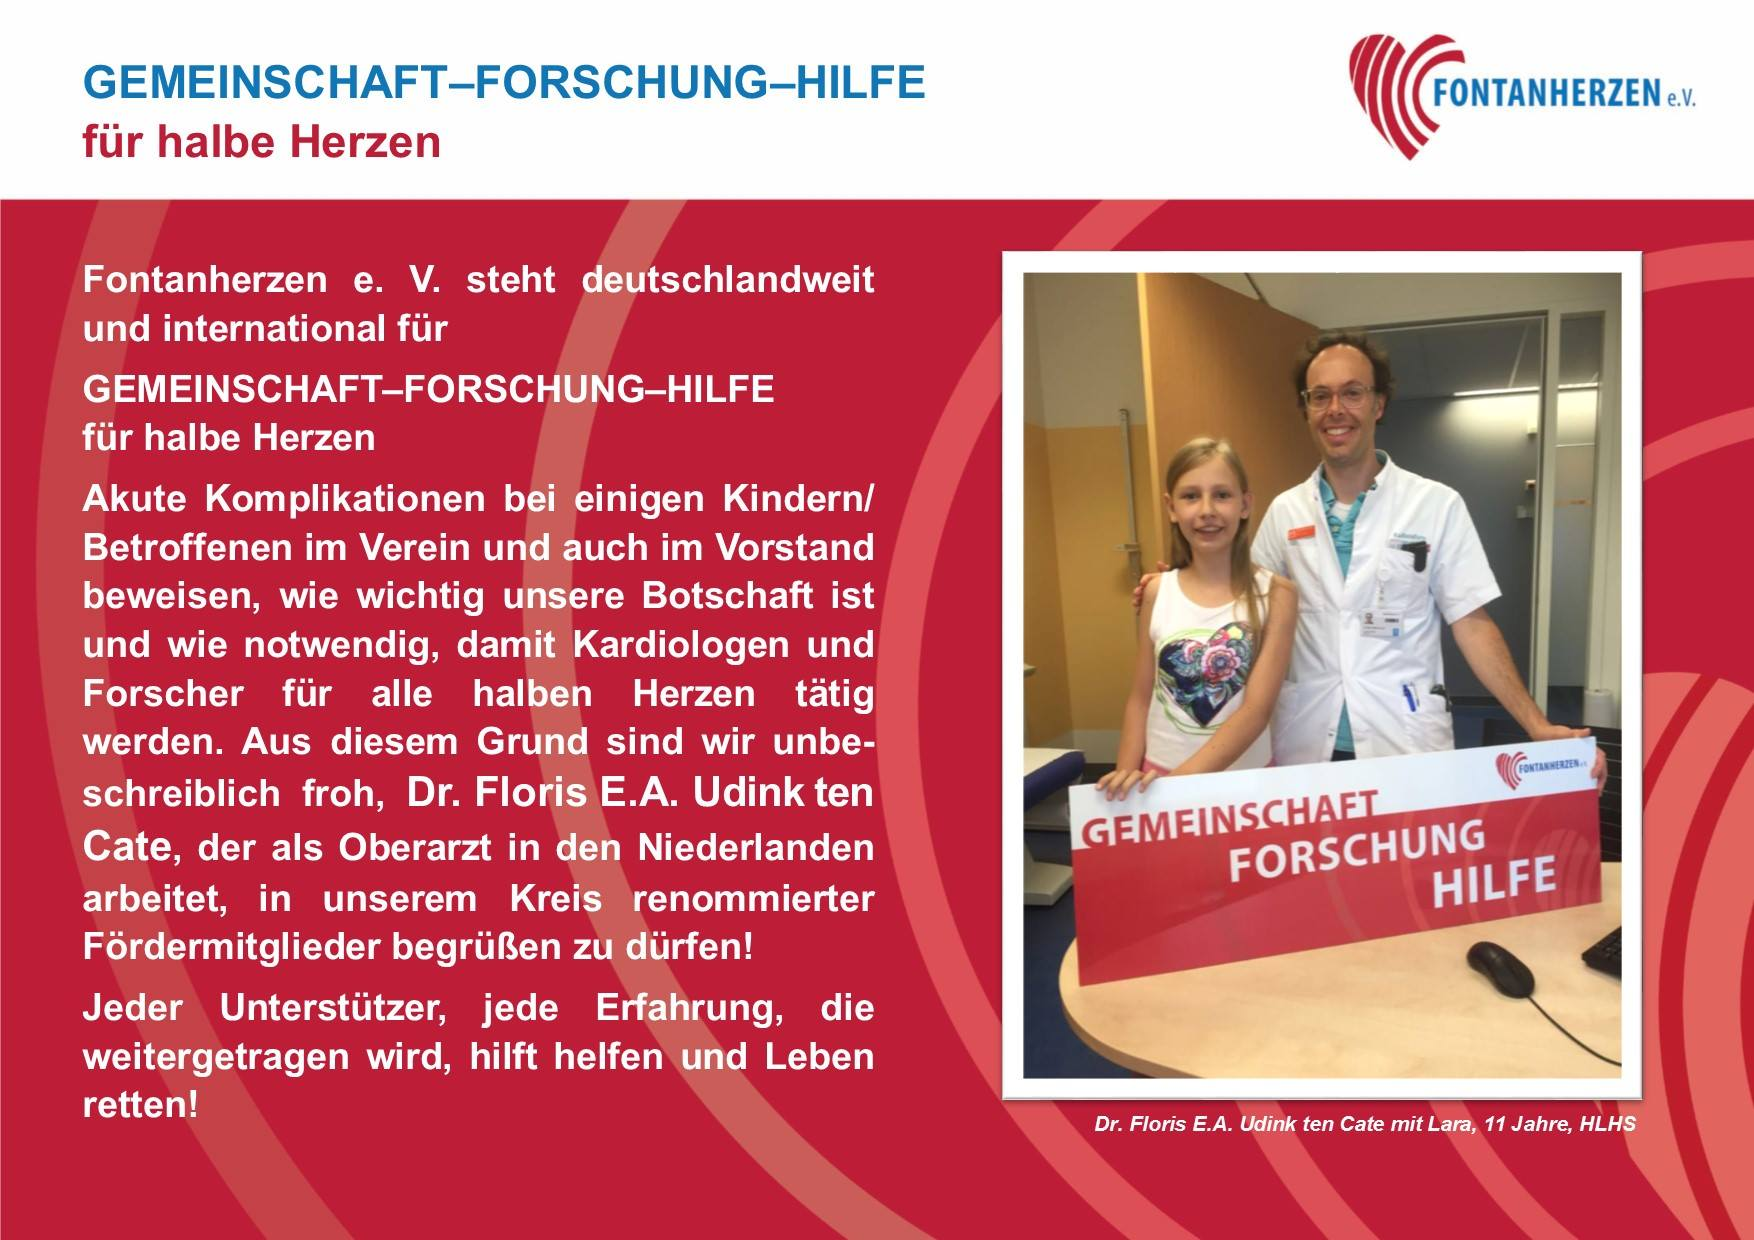 Dr. Floris E.A. Udink ten Cate in unserem Kreis renommierter Fördermitglieder